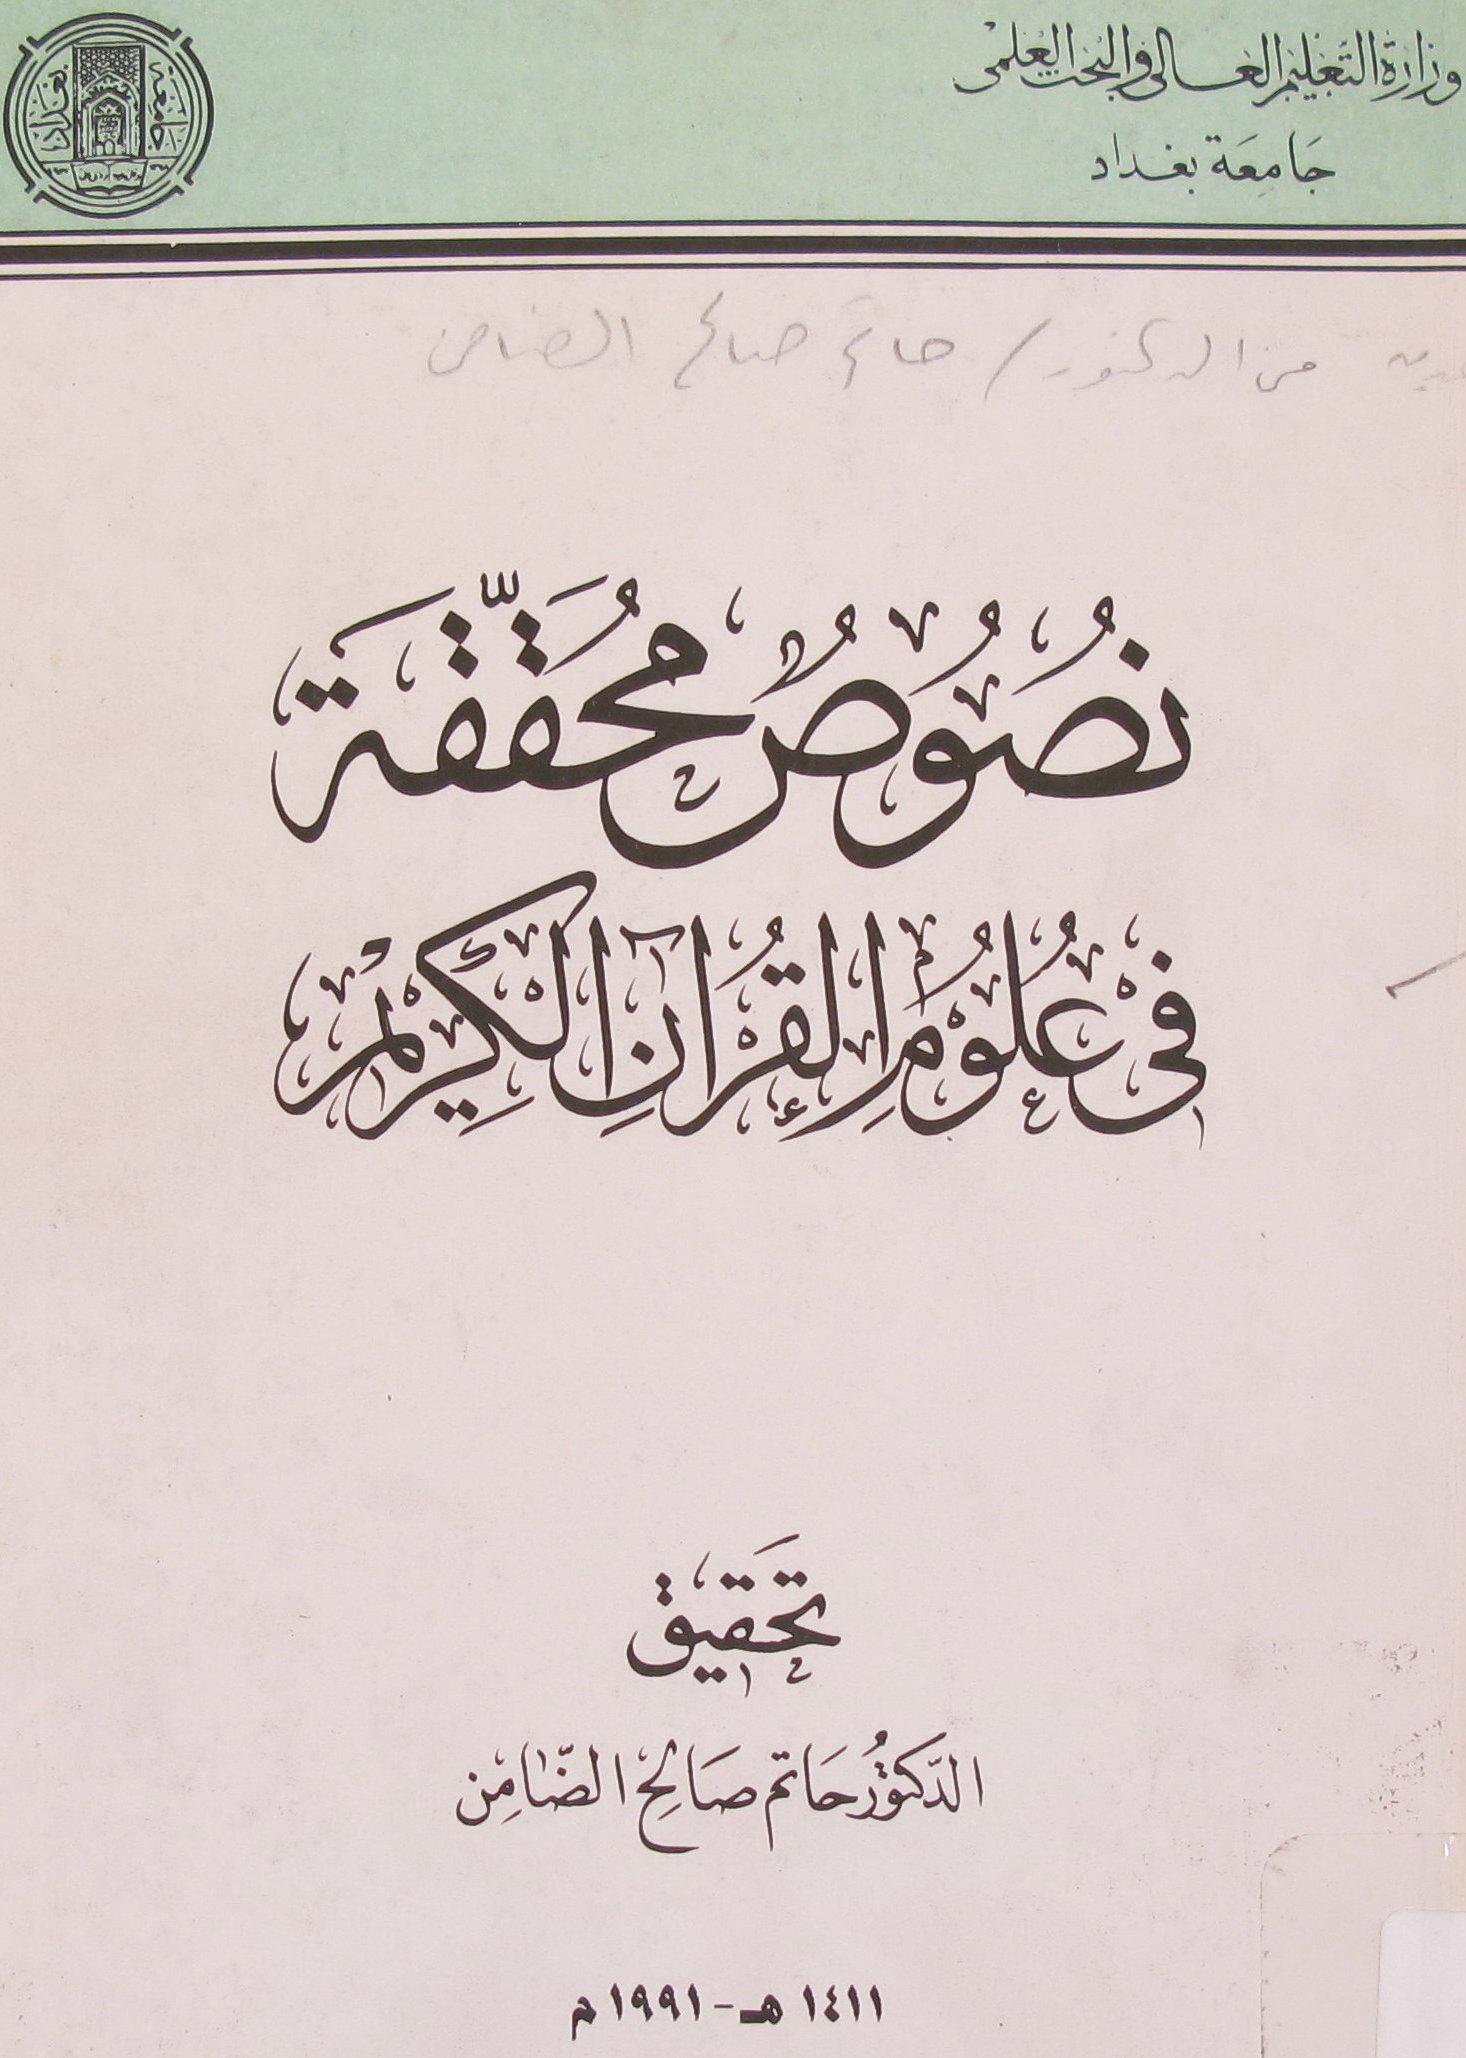 تحميل كتاب نصوص محققة في علوم القرآن الكريم لـِ: الدكتور حاتم صالح الضامن (ت 1434)